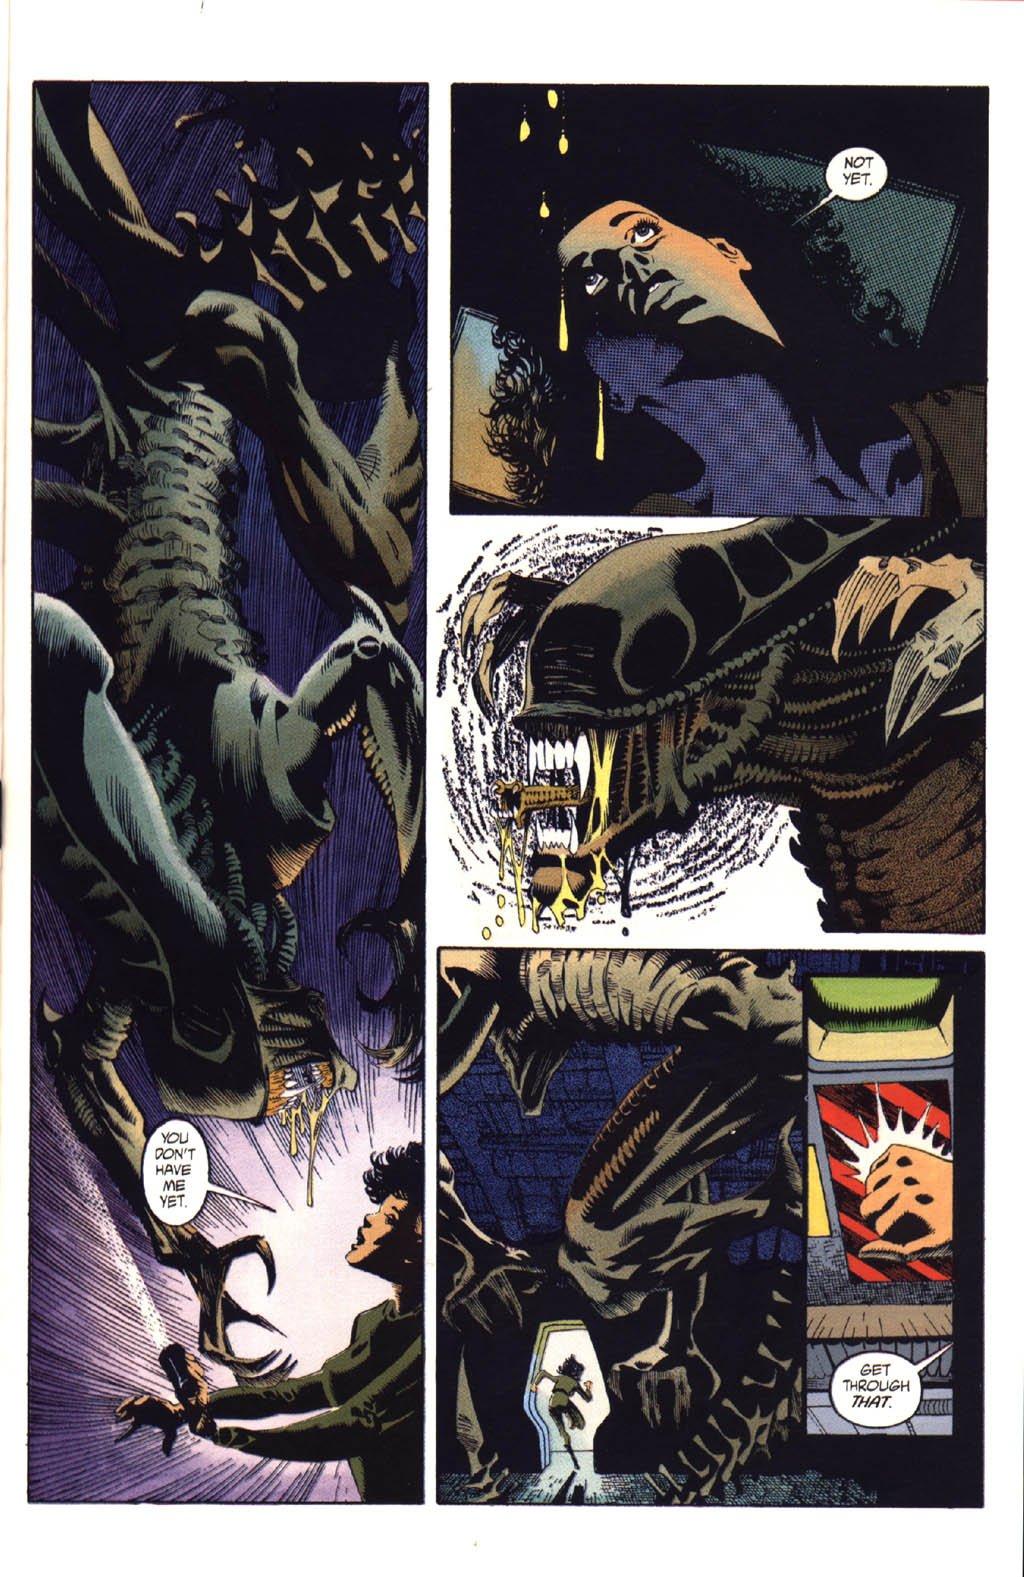 Жуткие комиксы про Чужих, откоторых кровь стынет вжилах   Канобу - Изображение 17